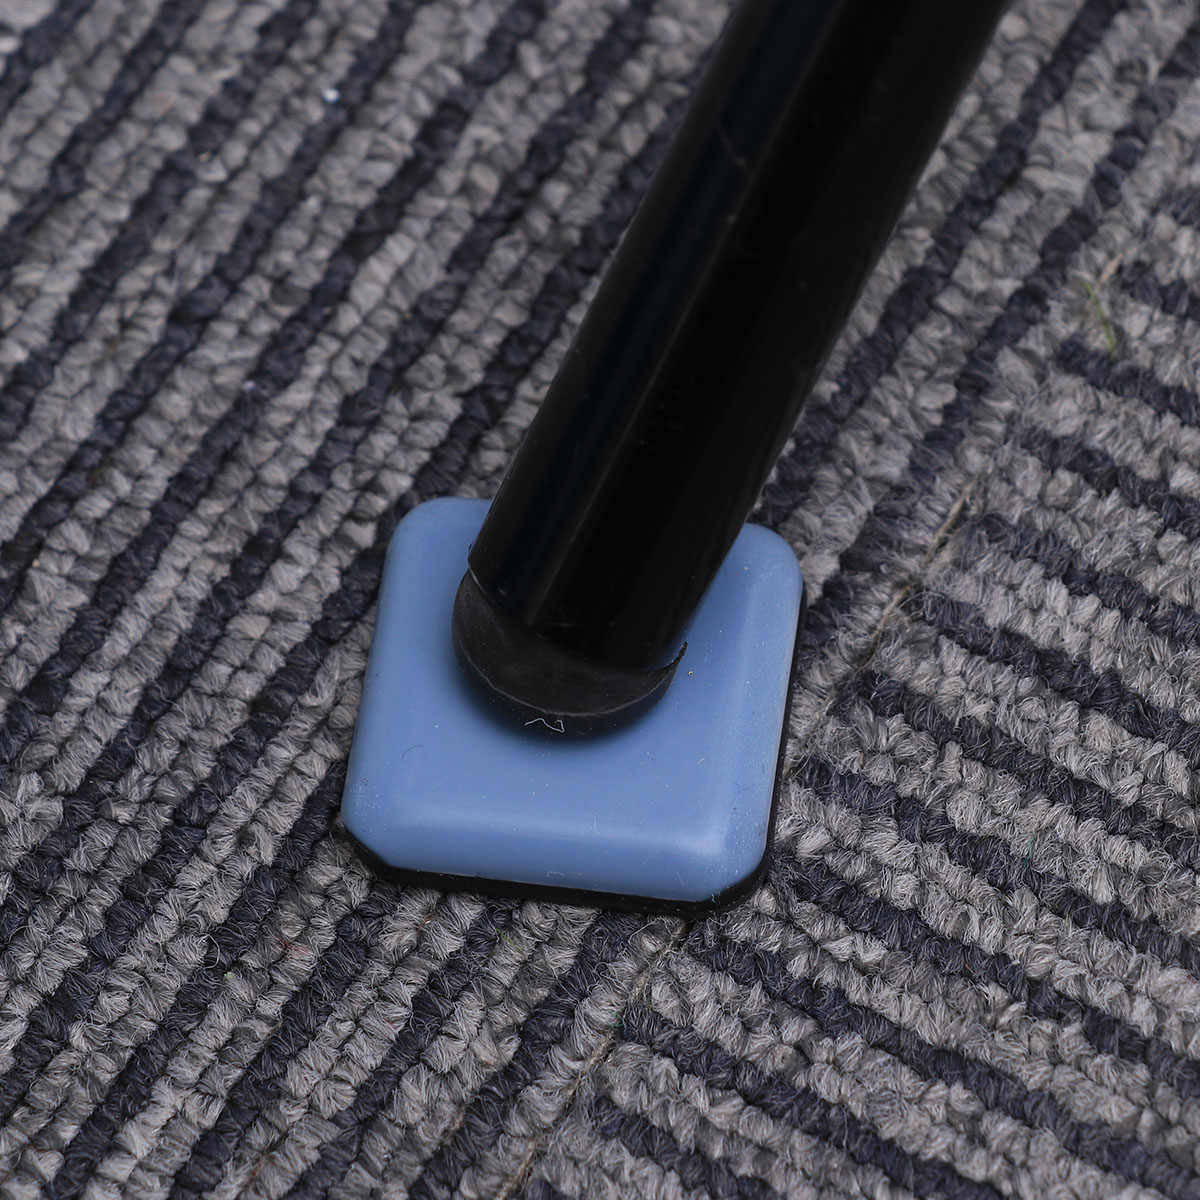 Упаковка из 16 легко перемещается Сгущает бесшумный самоклеящийся защита для пола Pad ноги крышка ноги дно для мебели, стульев и столов